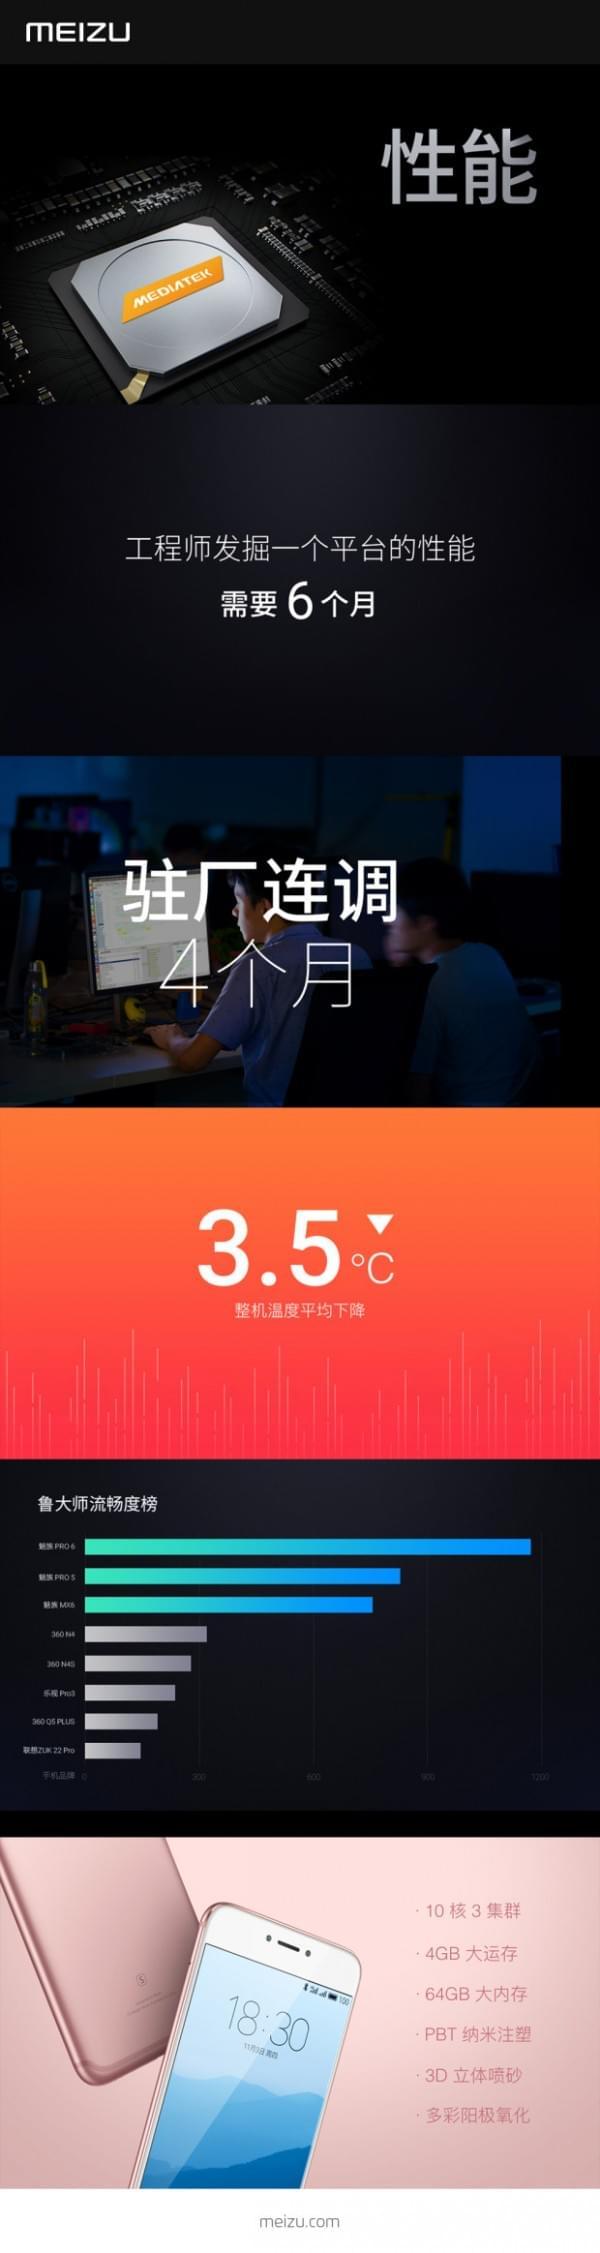 魅族发布PRO 6s 首次搭载光学防抖功能 售价2699元的照片 - 3